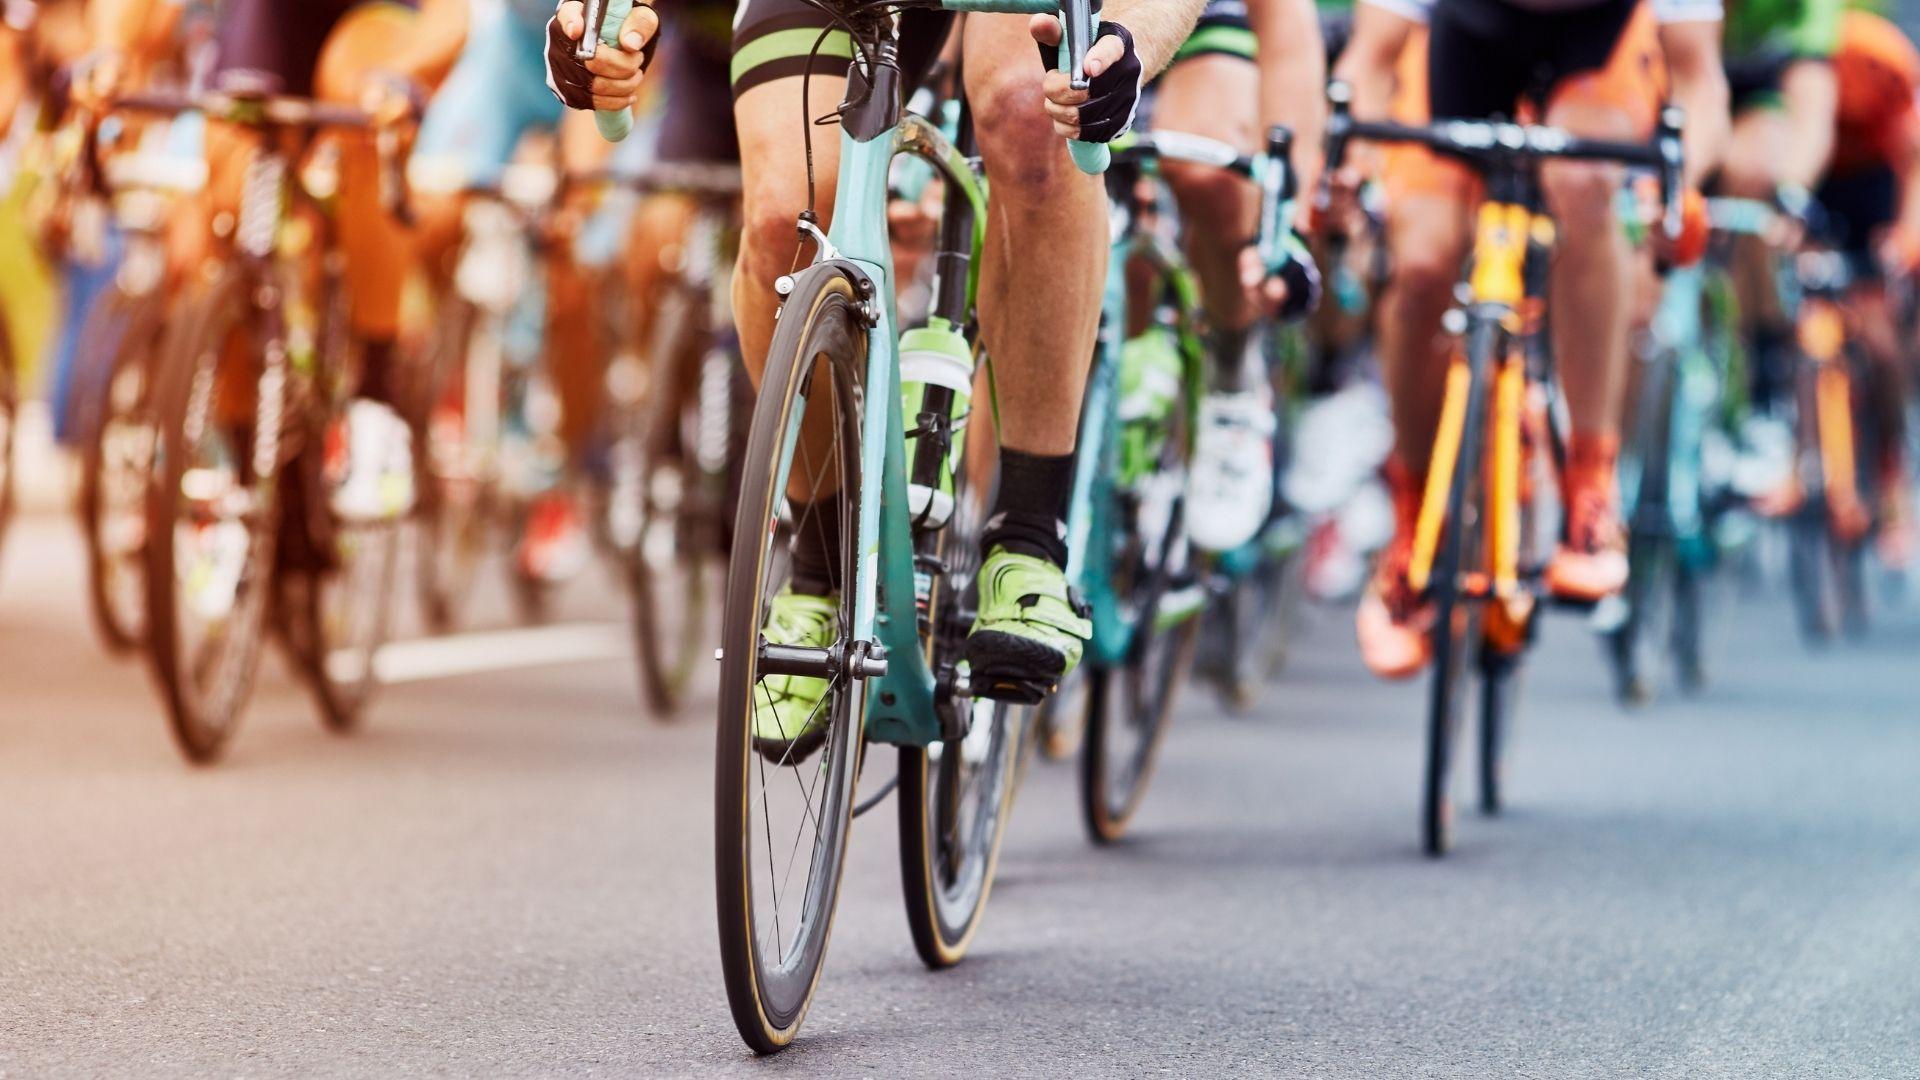 Ciclismo tem diversas categorias (Shutterstock)